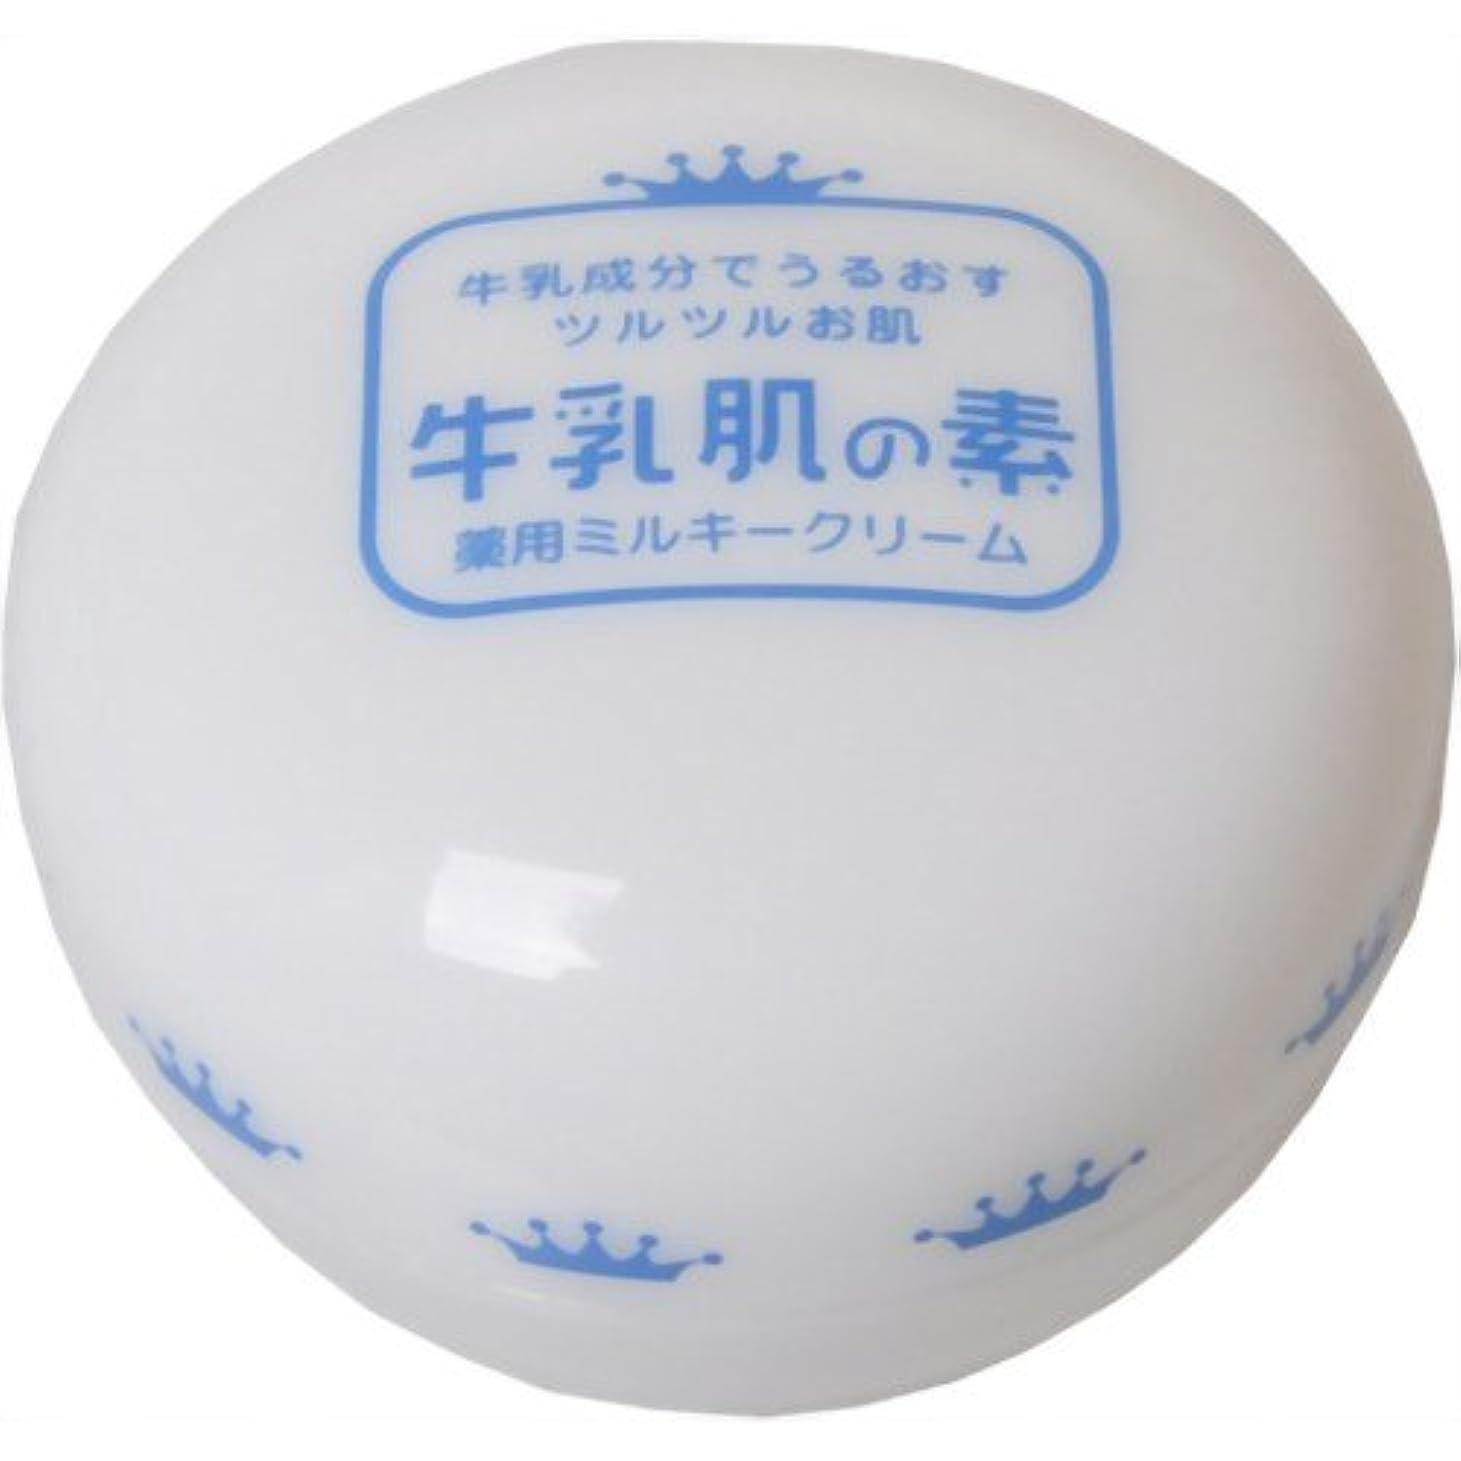 タフ素朴な効果的牛乳肌の素 薬用ミルキークリーム 20g